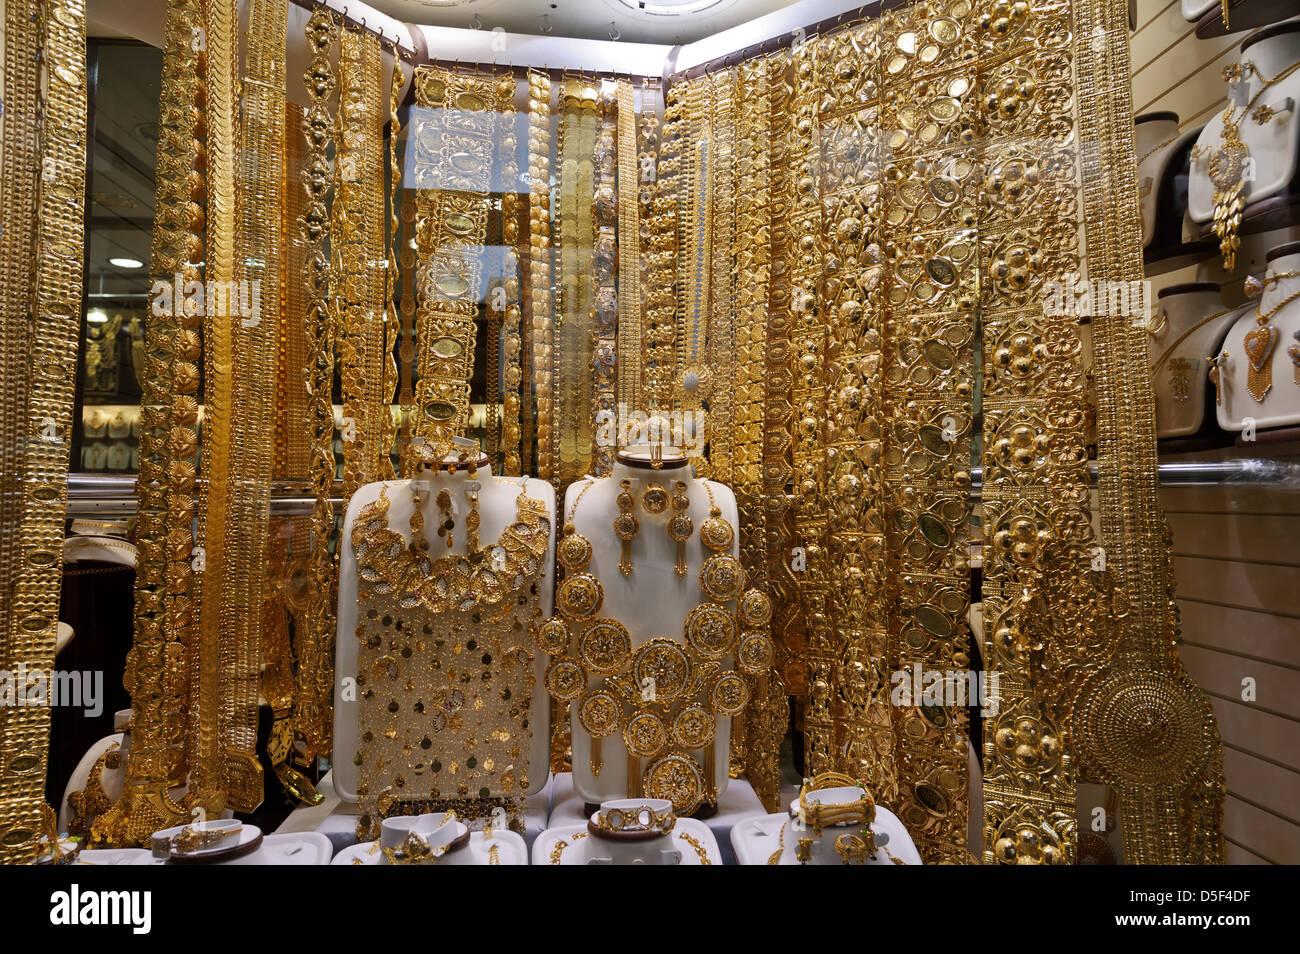 Handcraft Gold jewelry on sale, Dubai Gold Souk, United Arab Emirates. - Stock Image